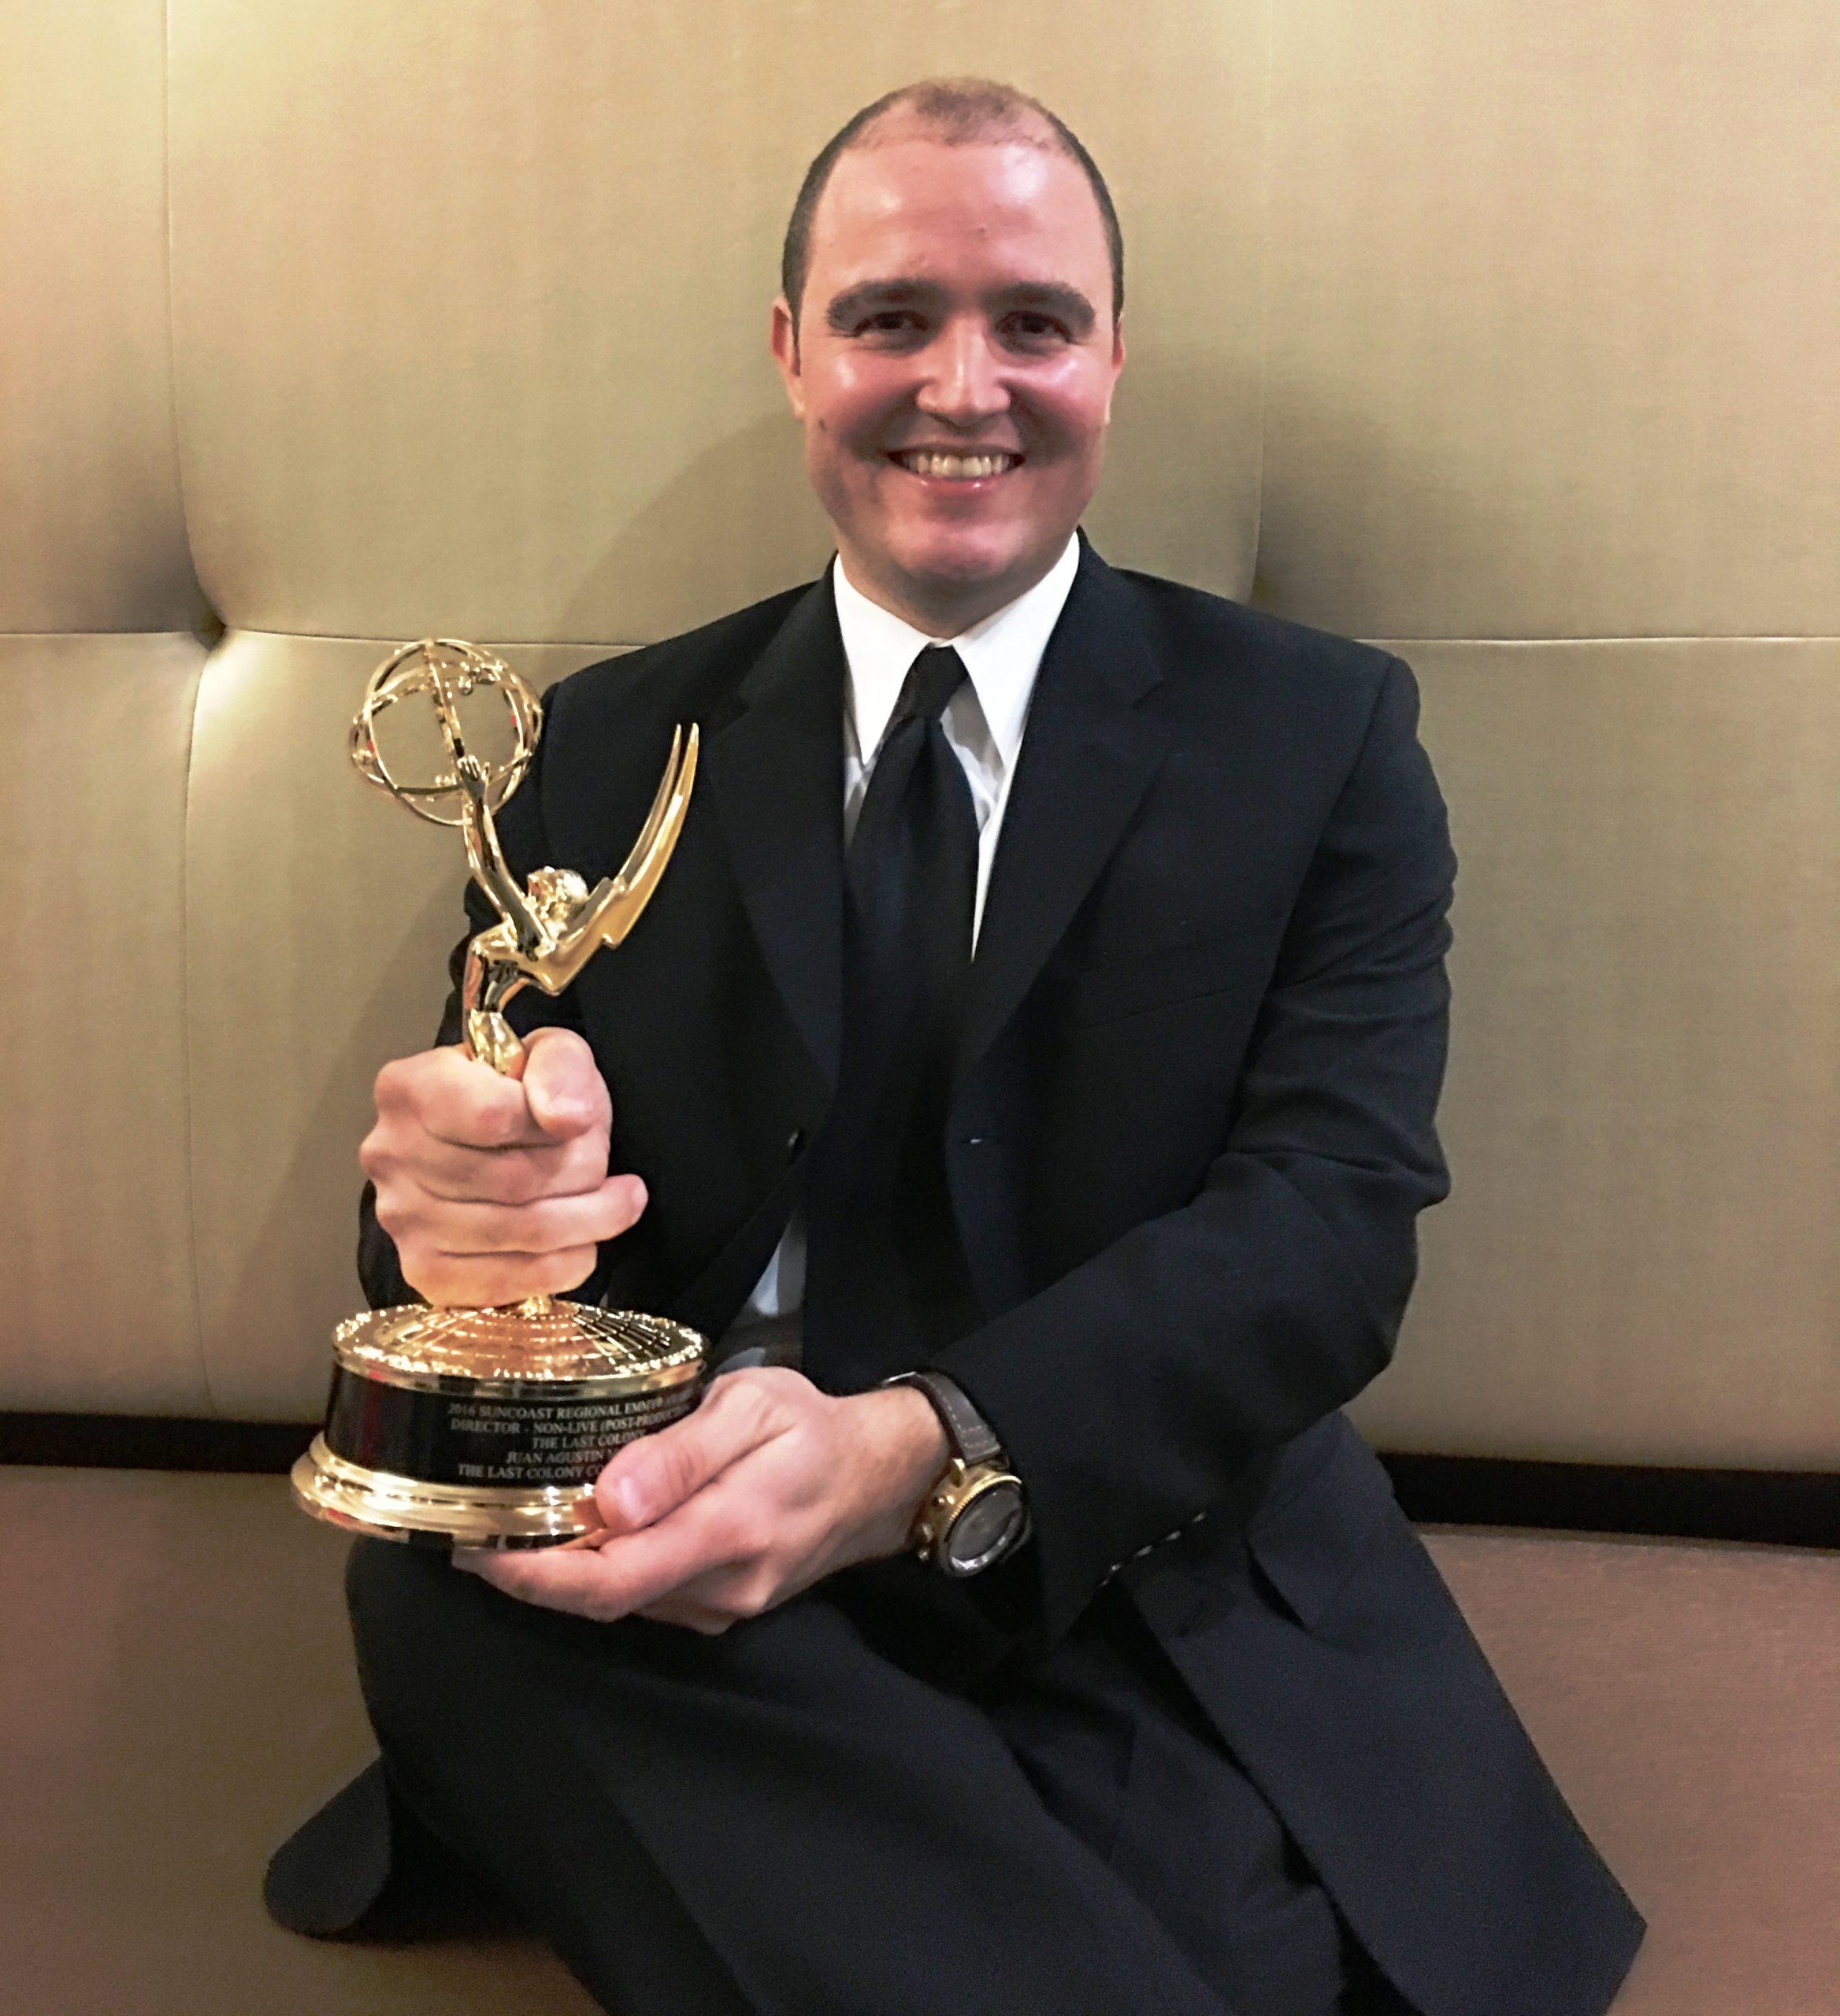 El cineasta dedicó el galardón otorgado a Oscar López Rivera. (Foto suministrada)